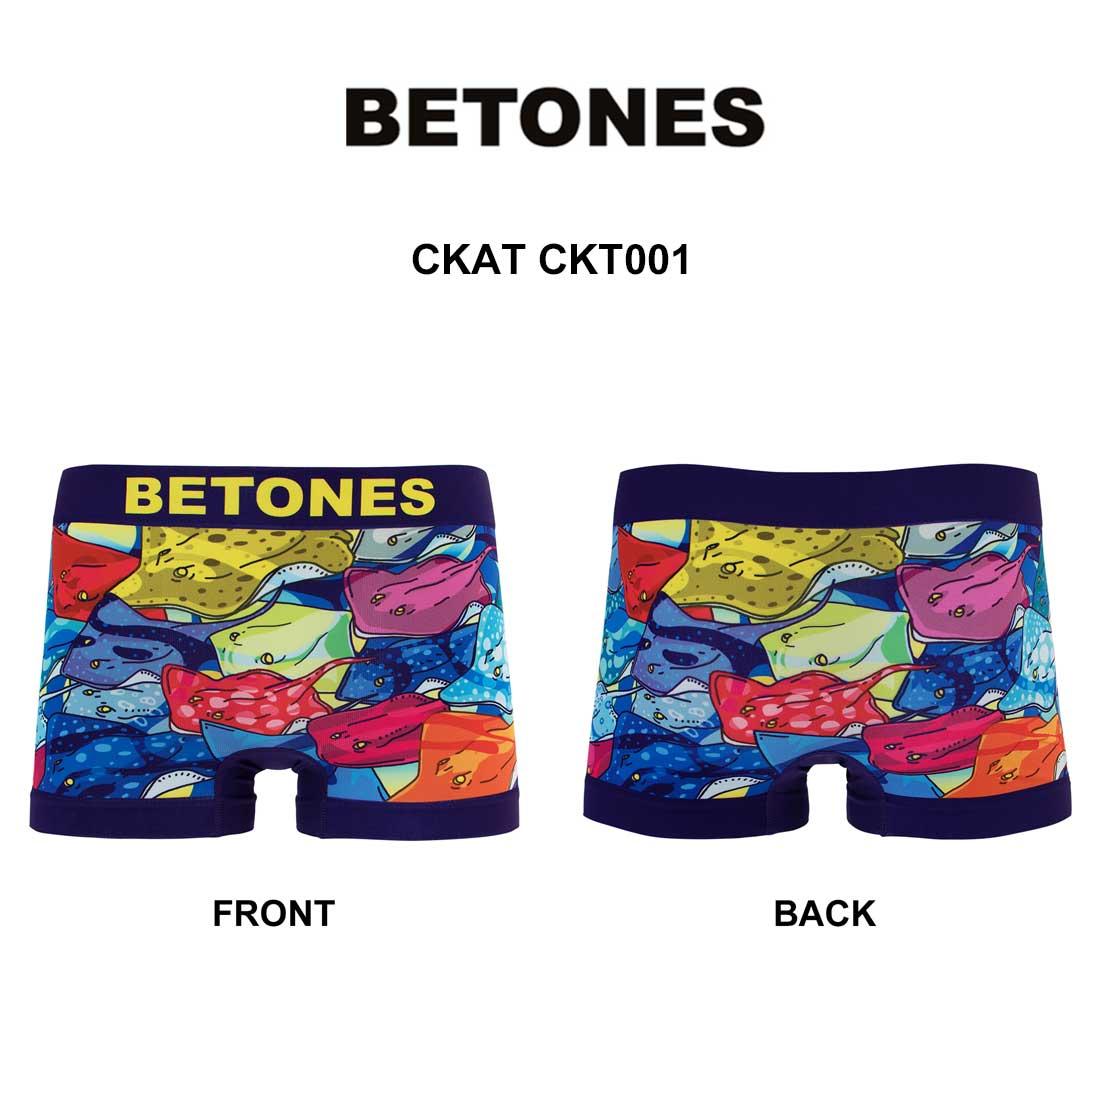 BETONES(ビトーンズ)シームレス ボクサーパンツ ストレッチ メンズ 下着 CKAT CKT001